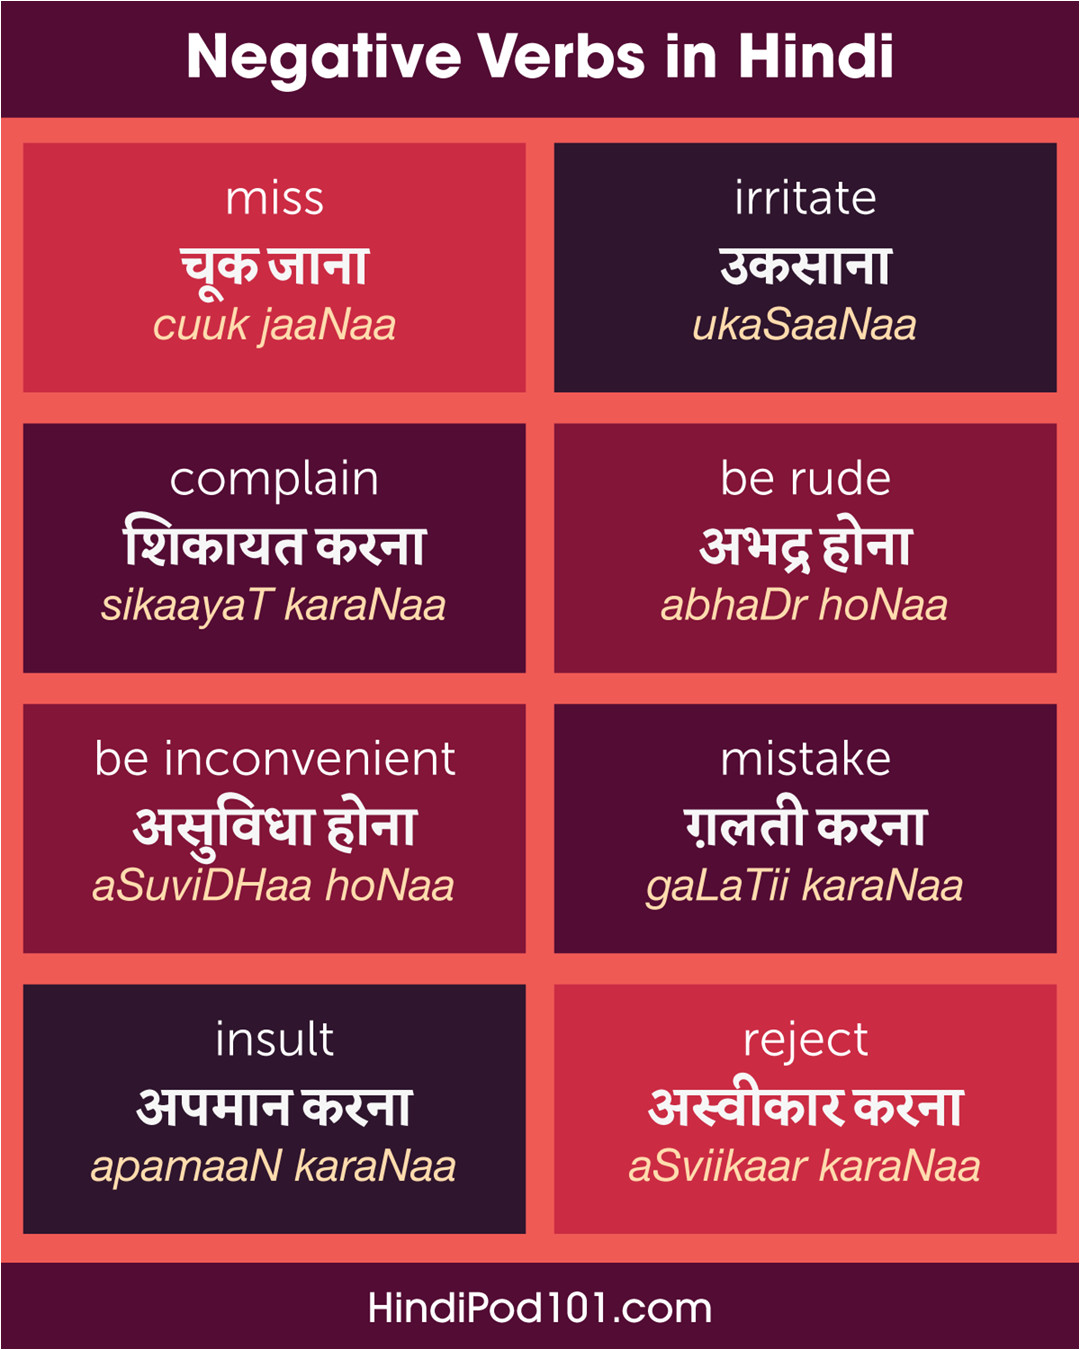 hindi negativeverbs png